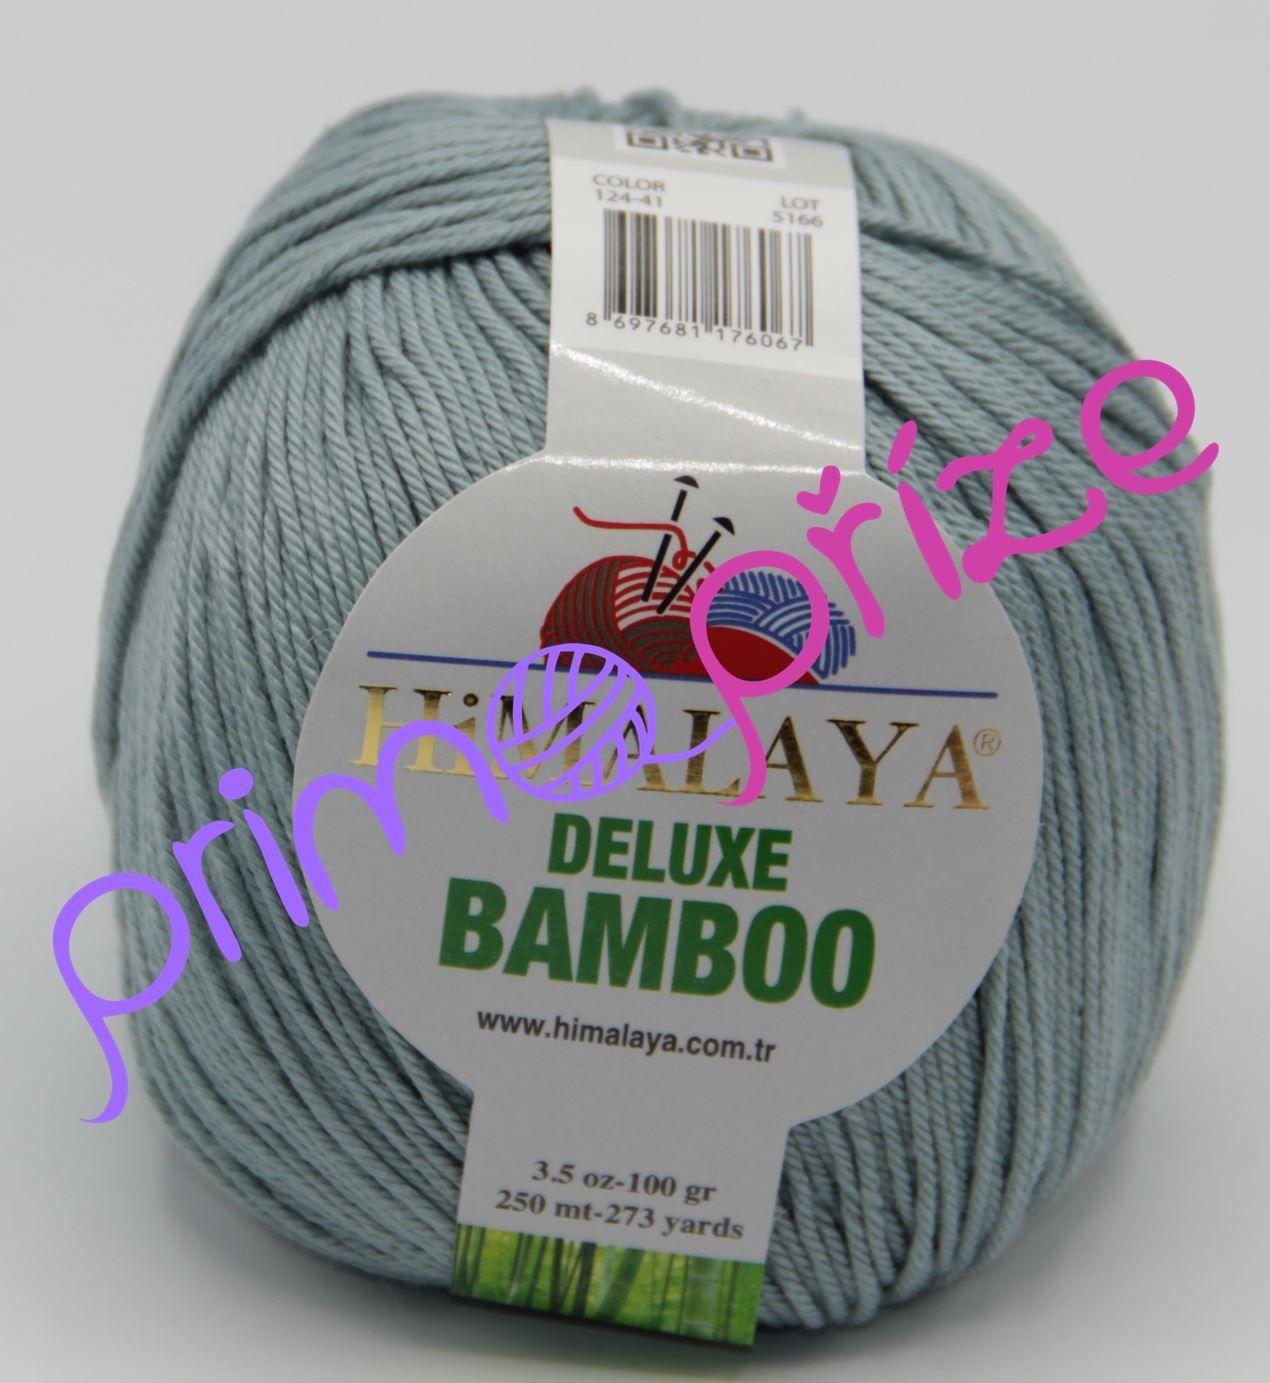 HIMALAYA Deluxe Bamboo 124-41 šedozelená